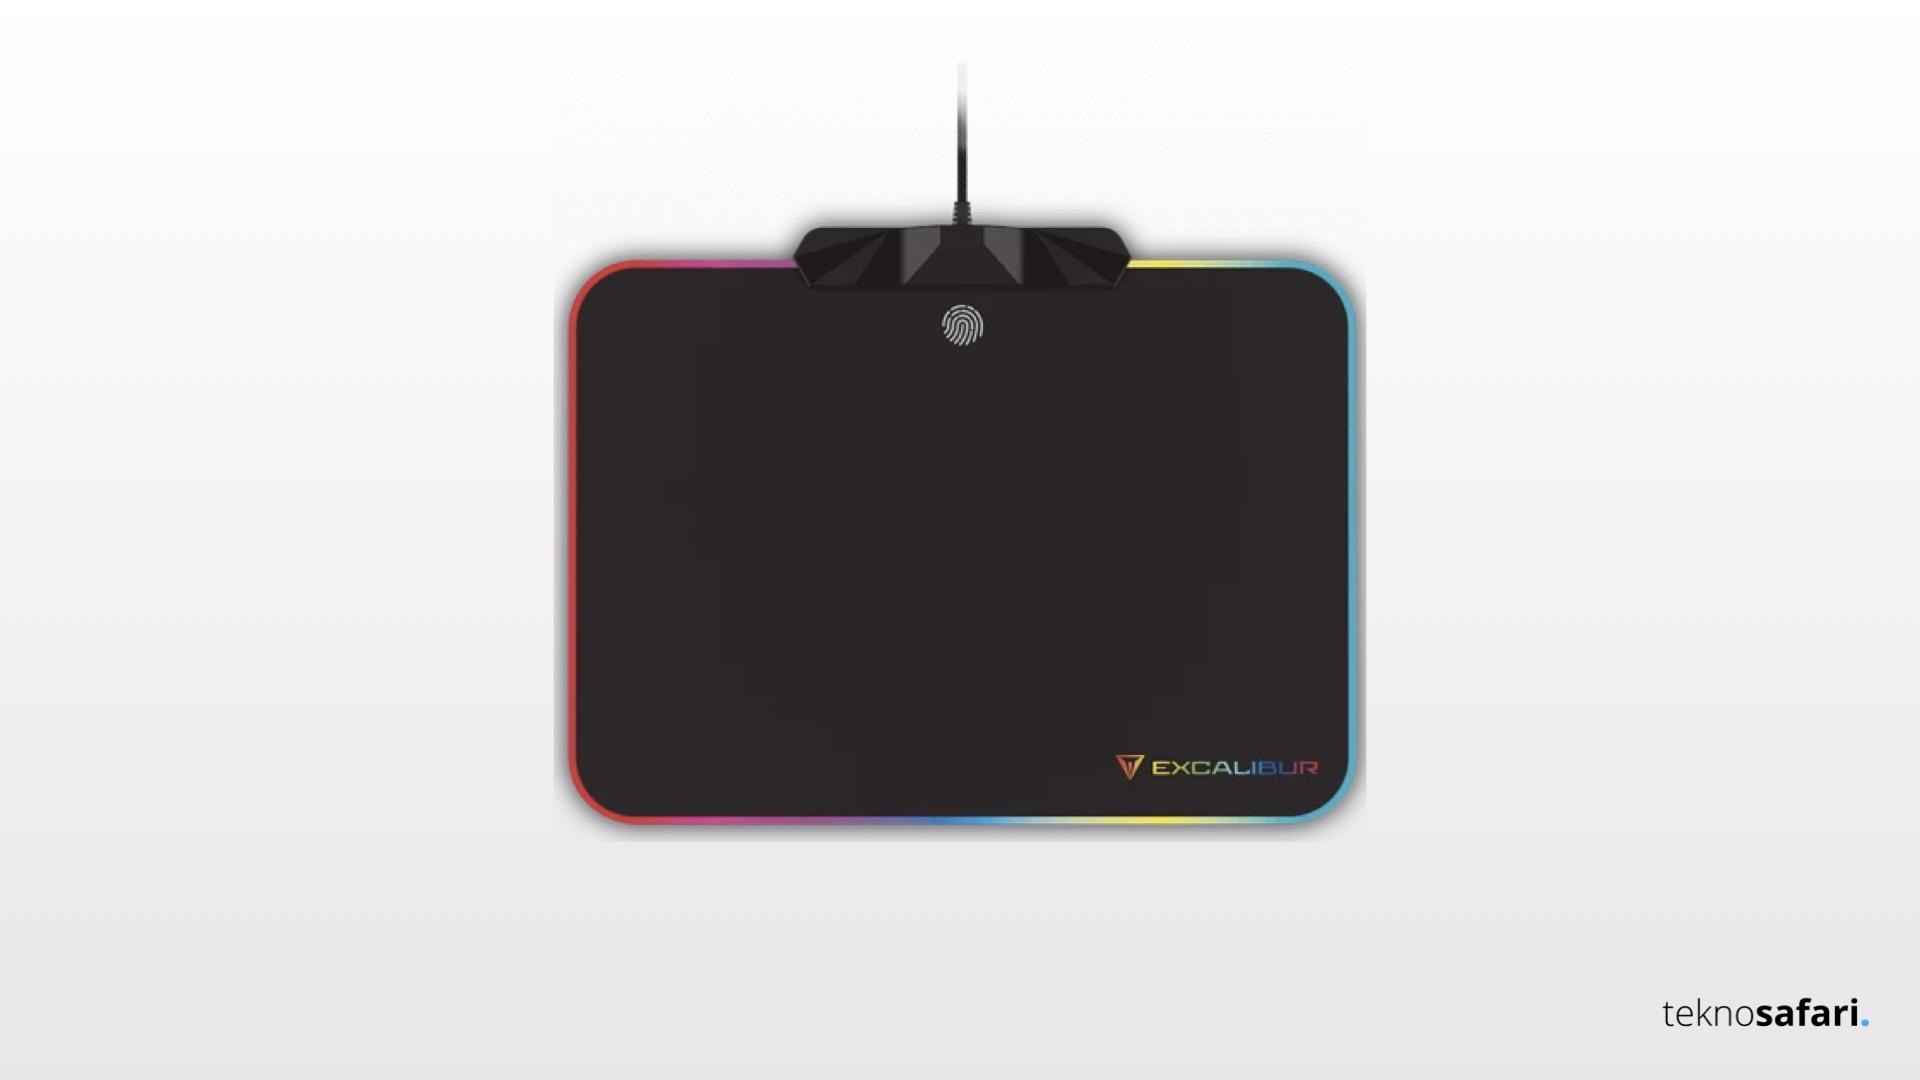 Oyuncular için Özel Tasarlanan RGB'li Excalibur Mousepad